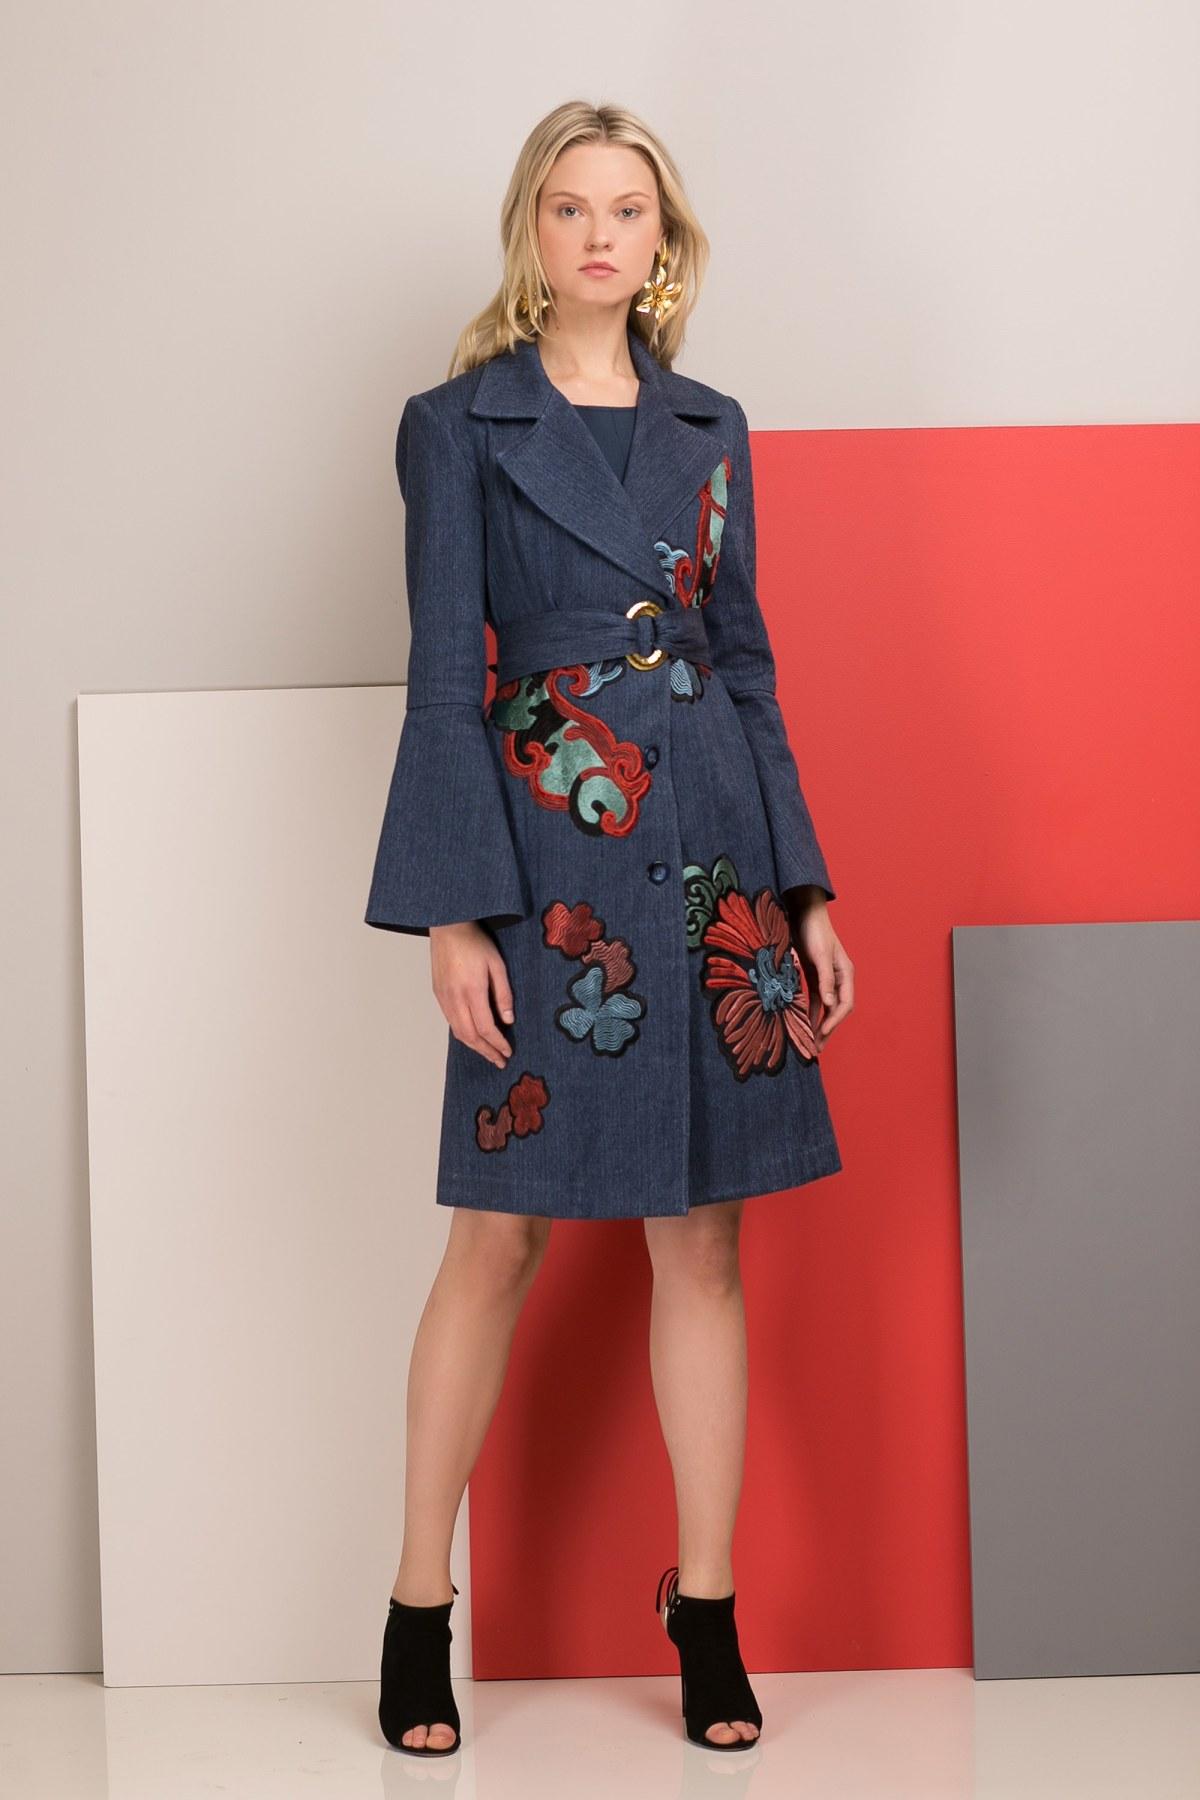 josie-natori-pre-fall-2017-fashion-show-the-impression-14